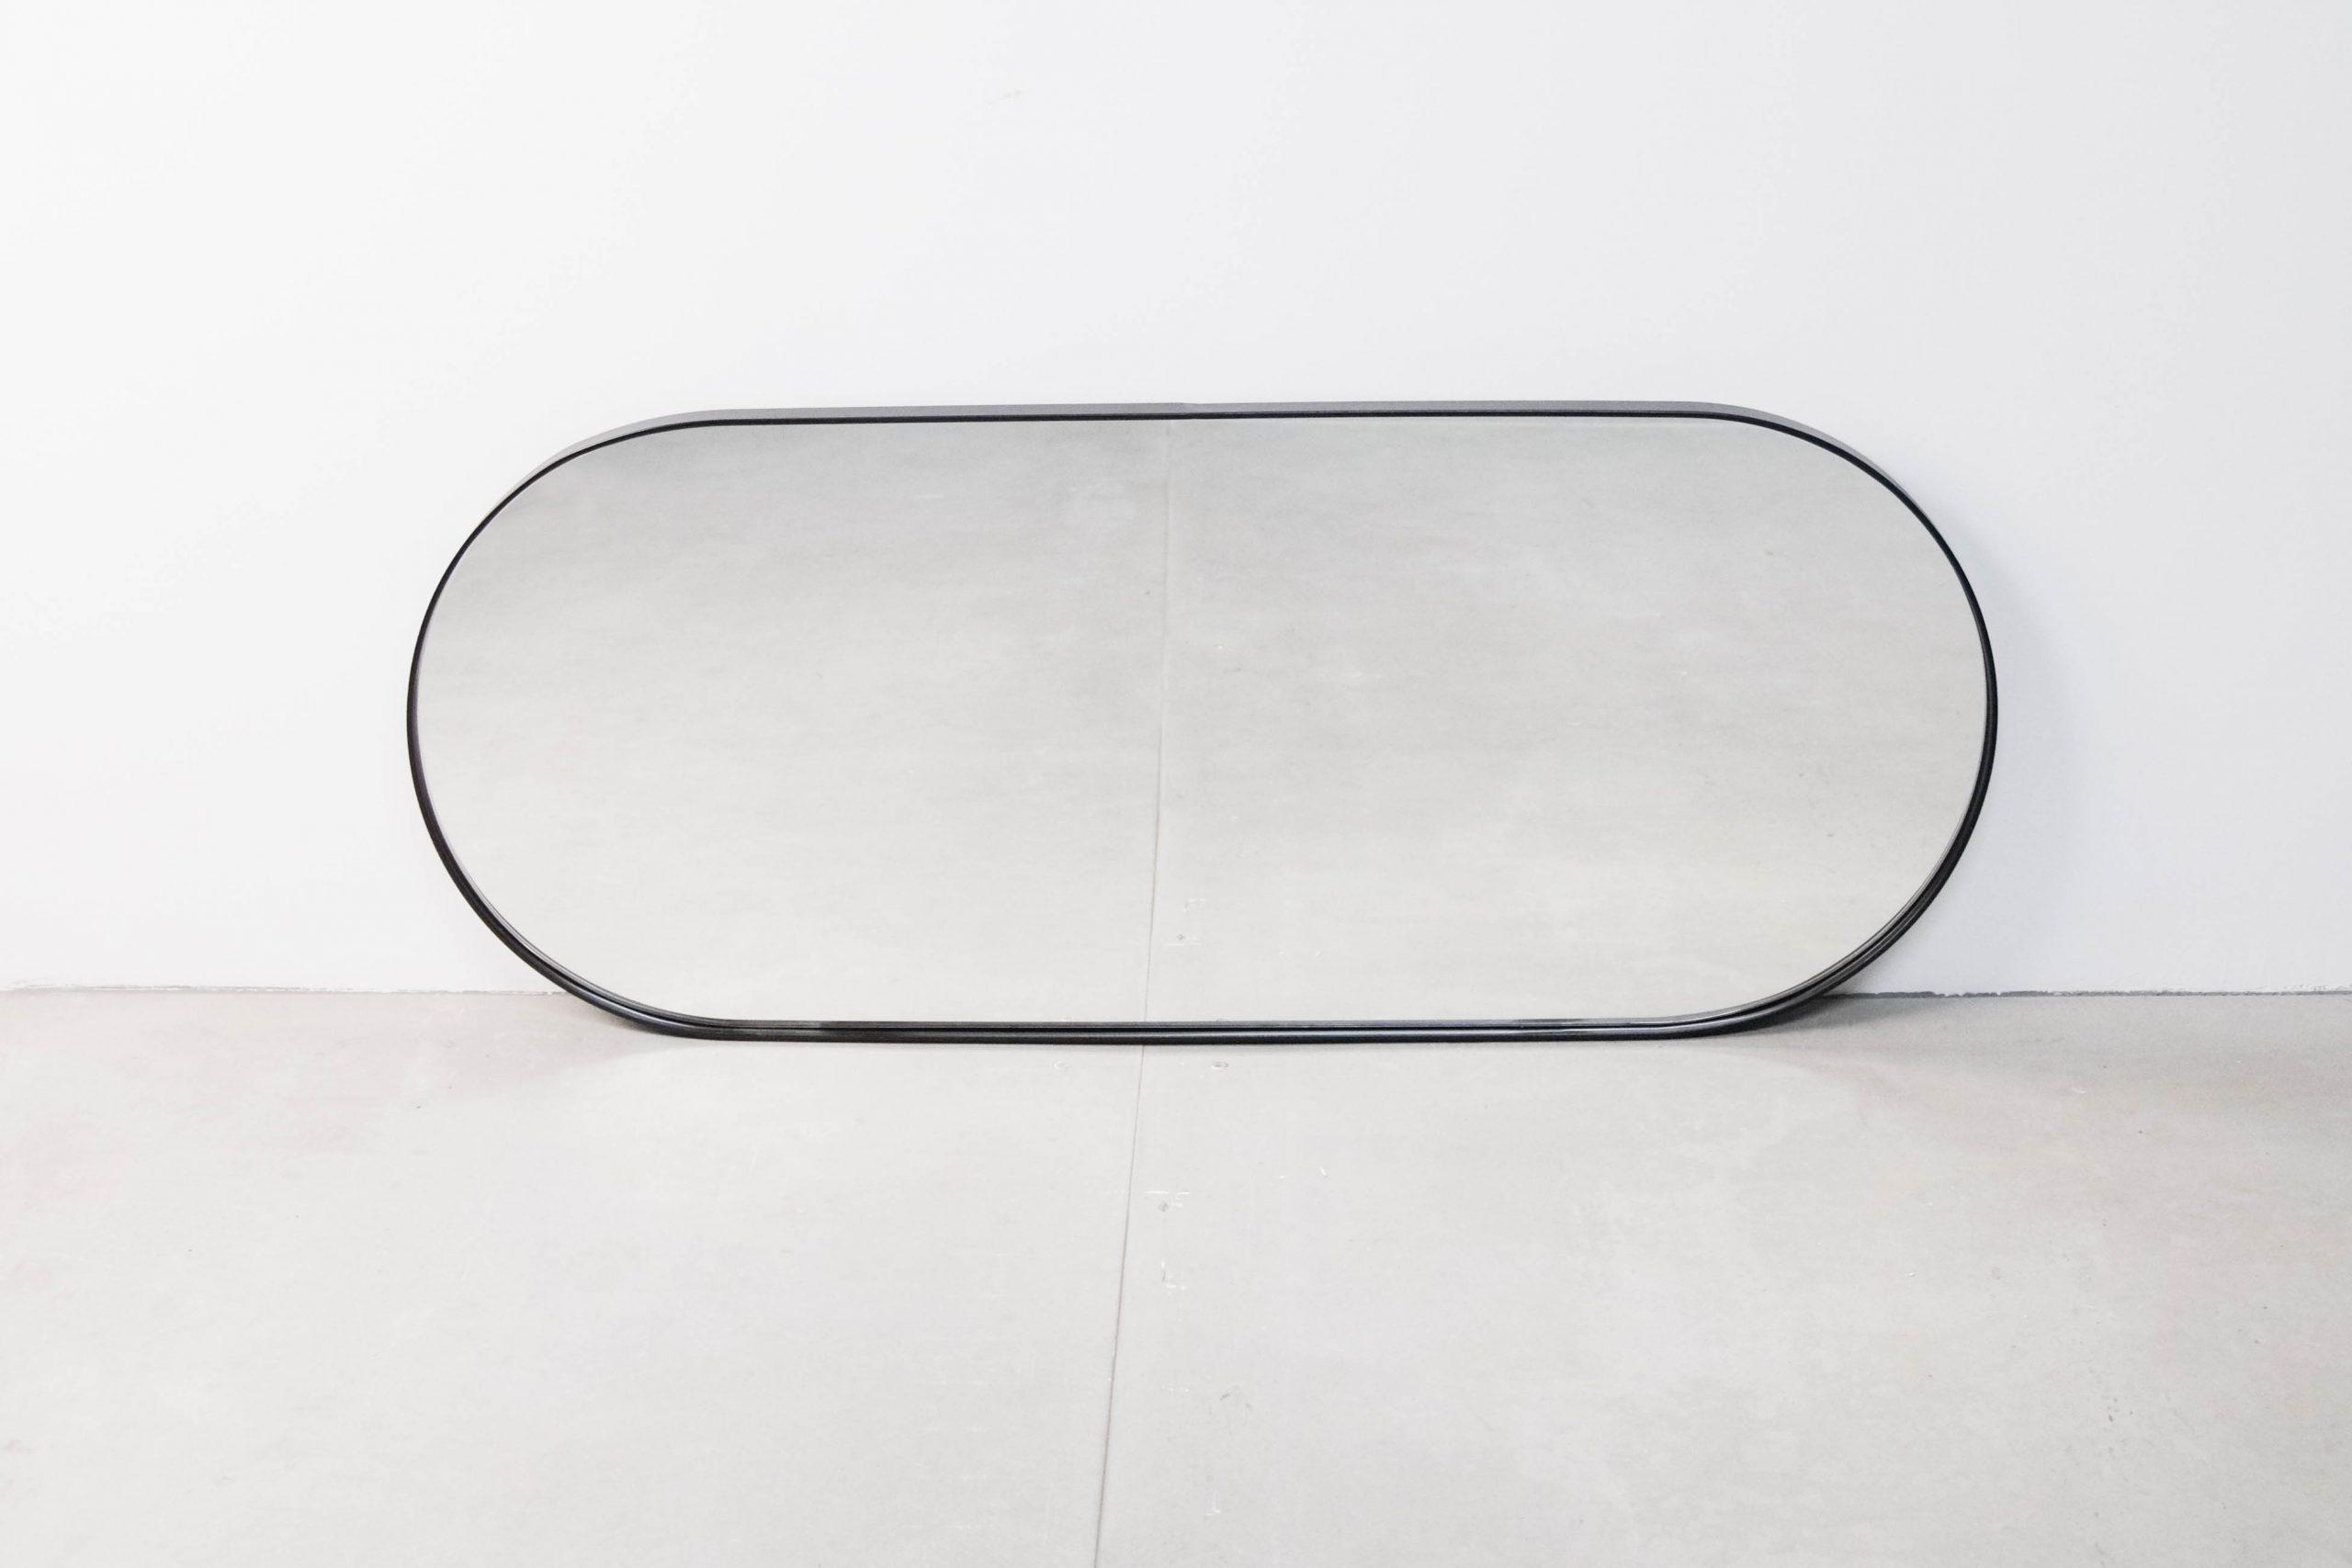 espejo redondeado pepita de oliva de metal ovalado de diseño